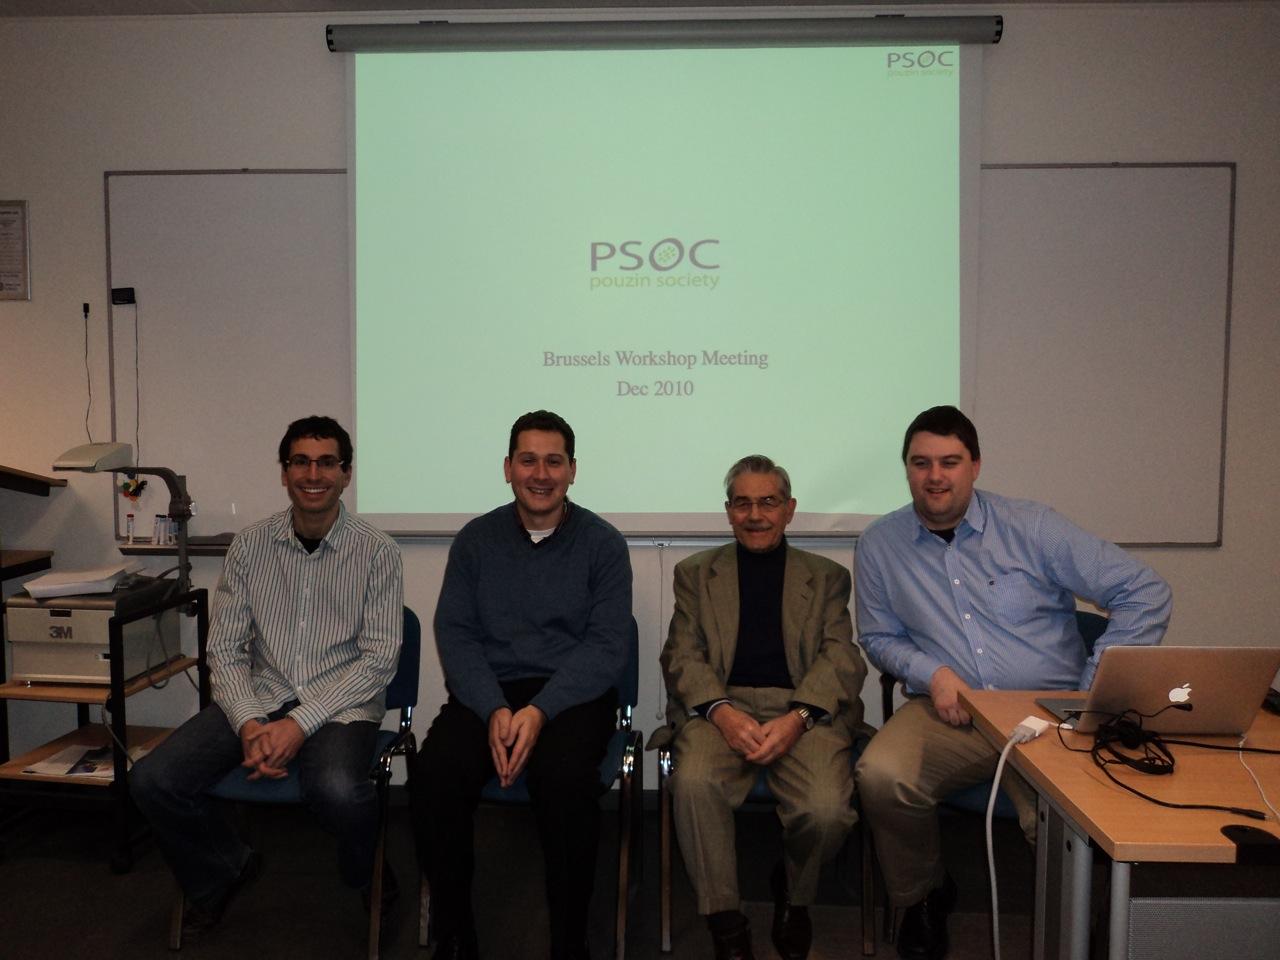 left to right, Eduard Grasa, Miguel Ponce de Leon, Louis Pouzin, Patsy Phelan